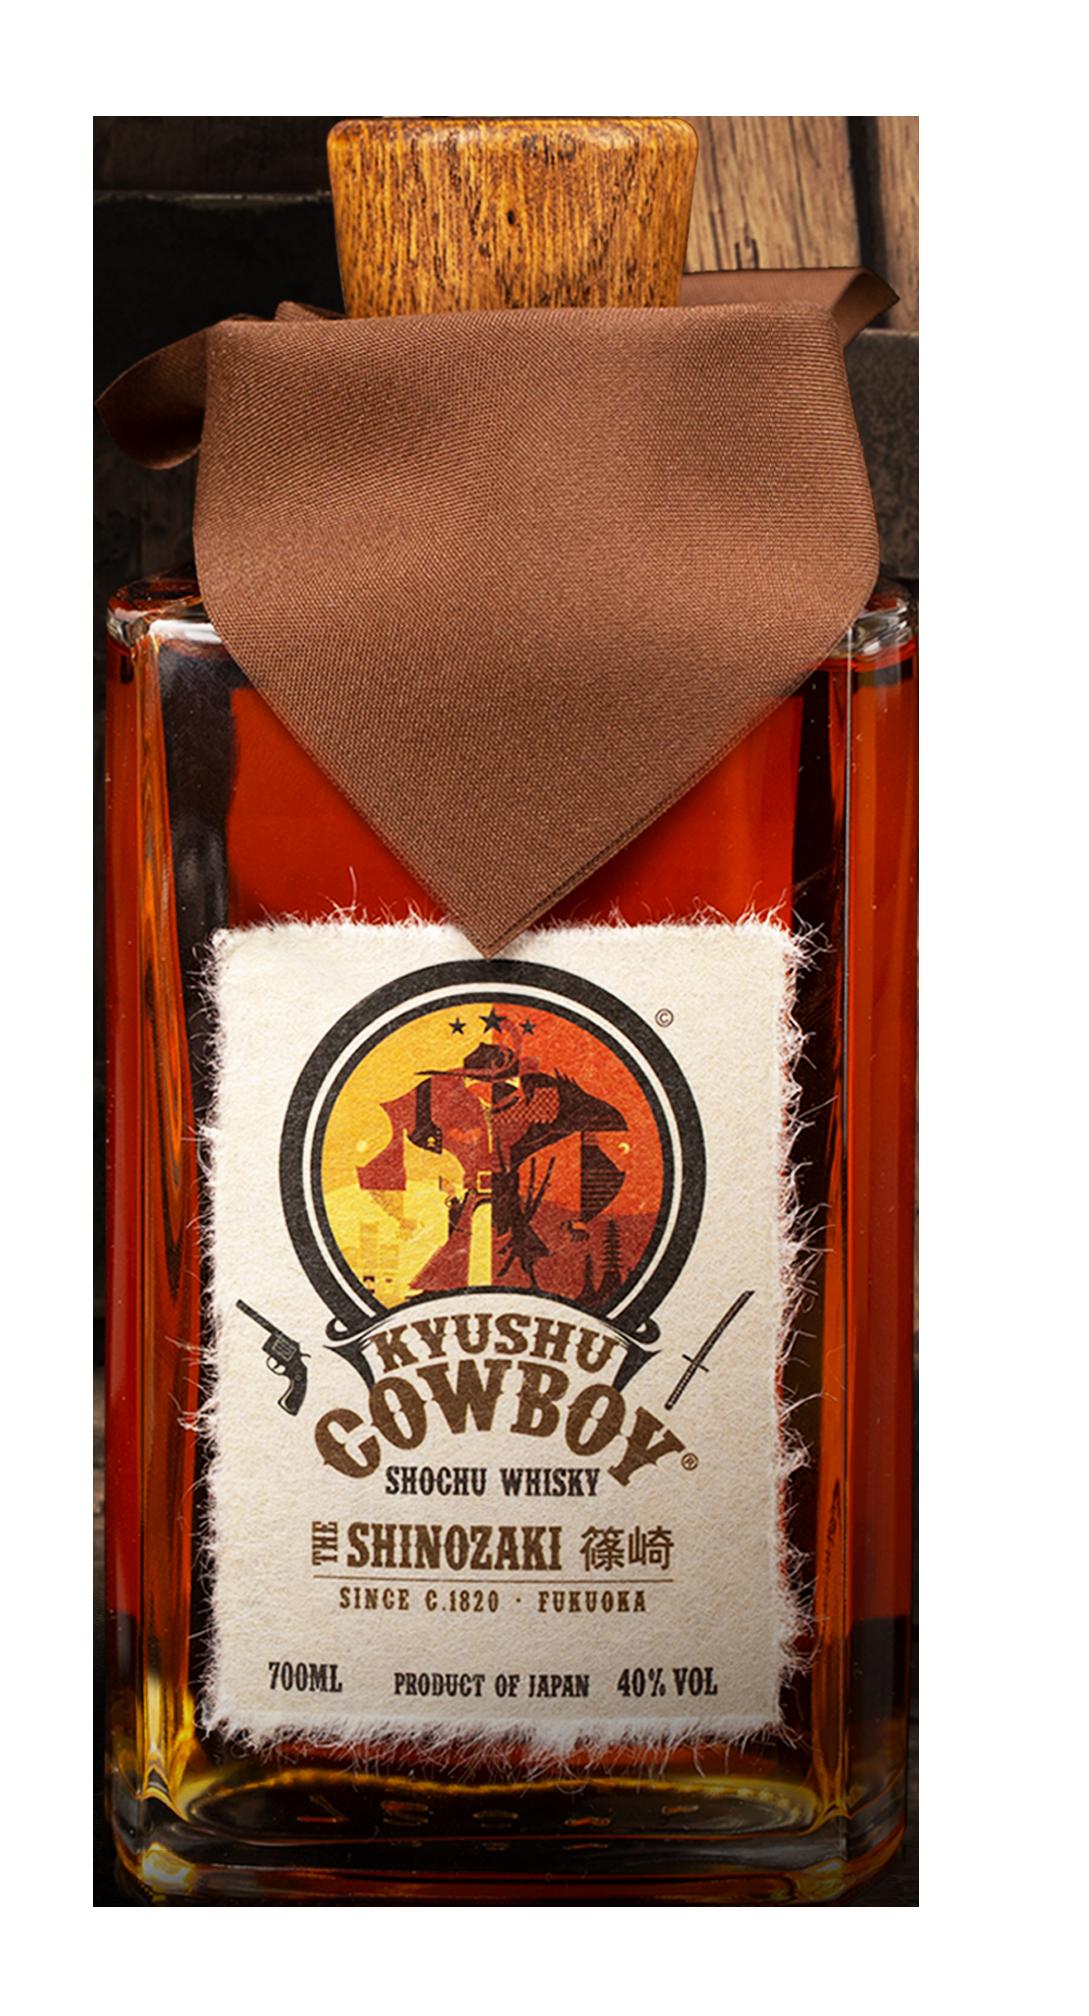 Kyushu Cowboy Shinozaki Whisky